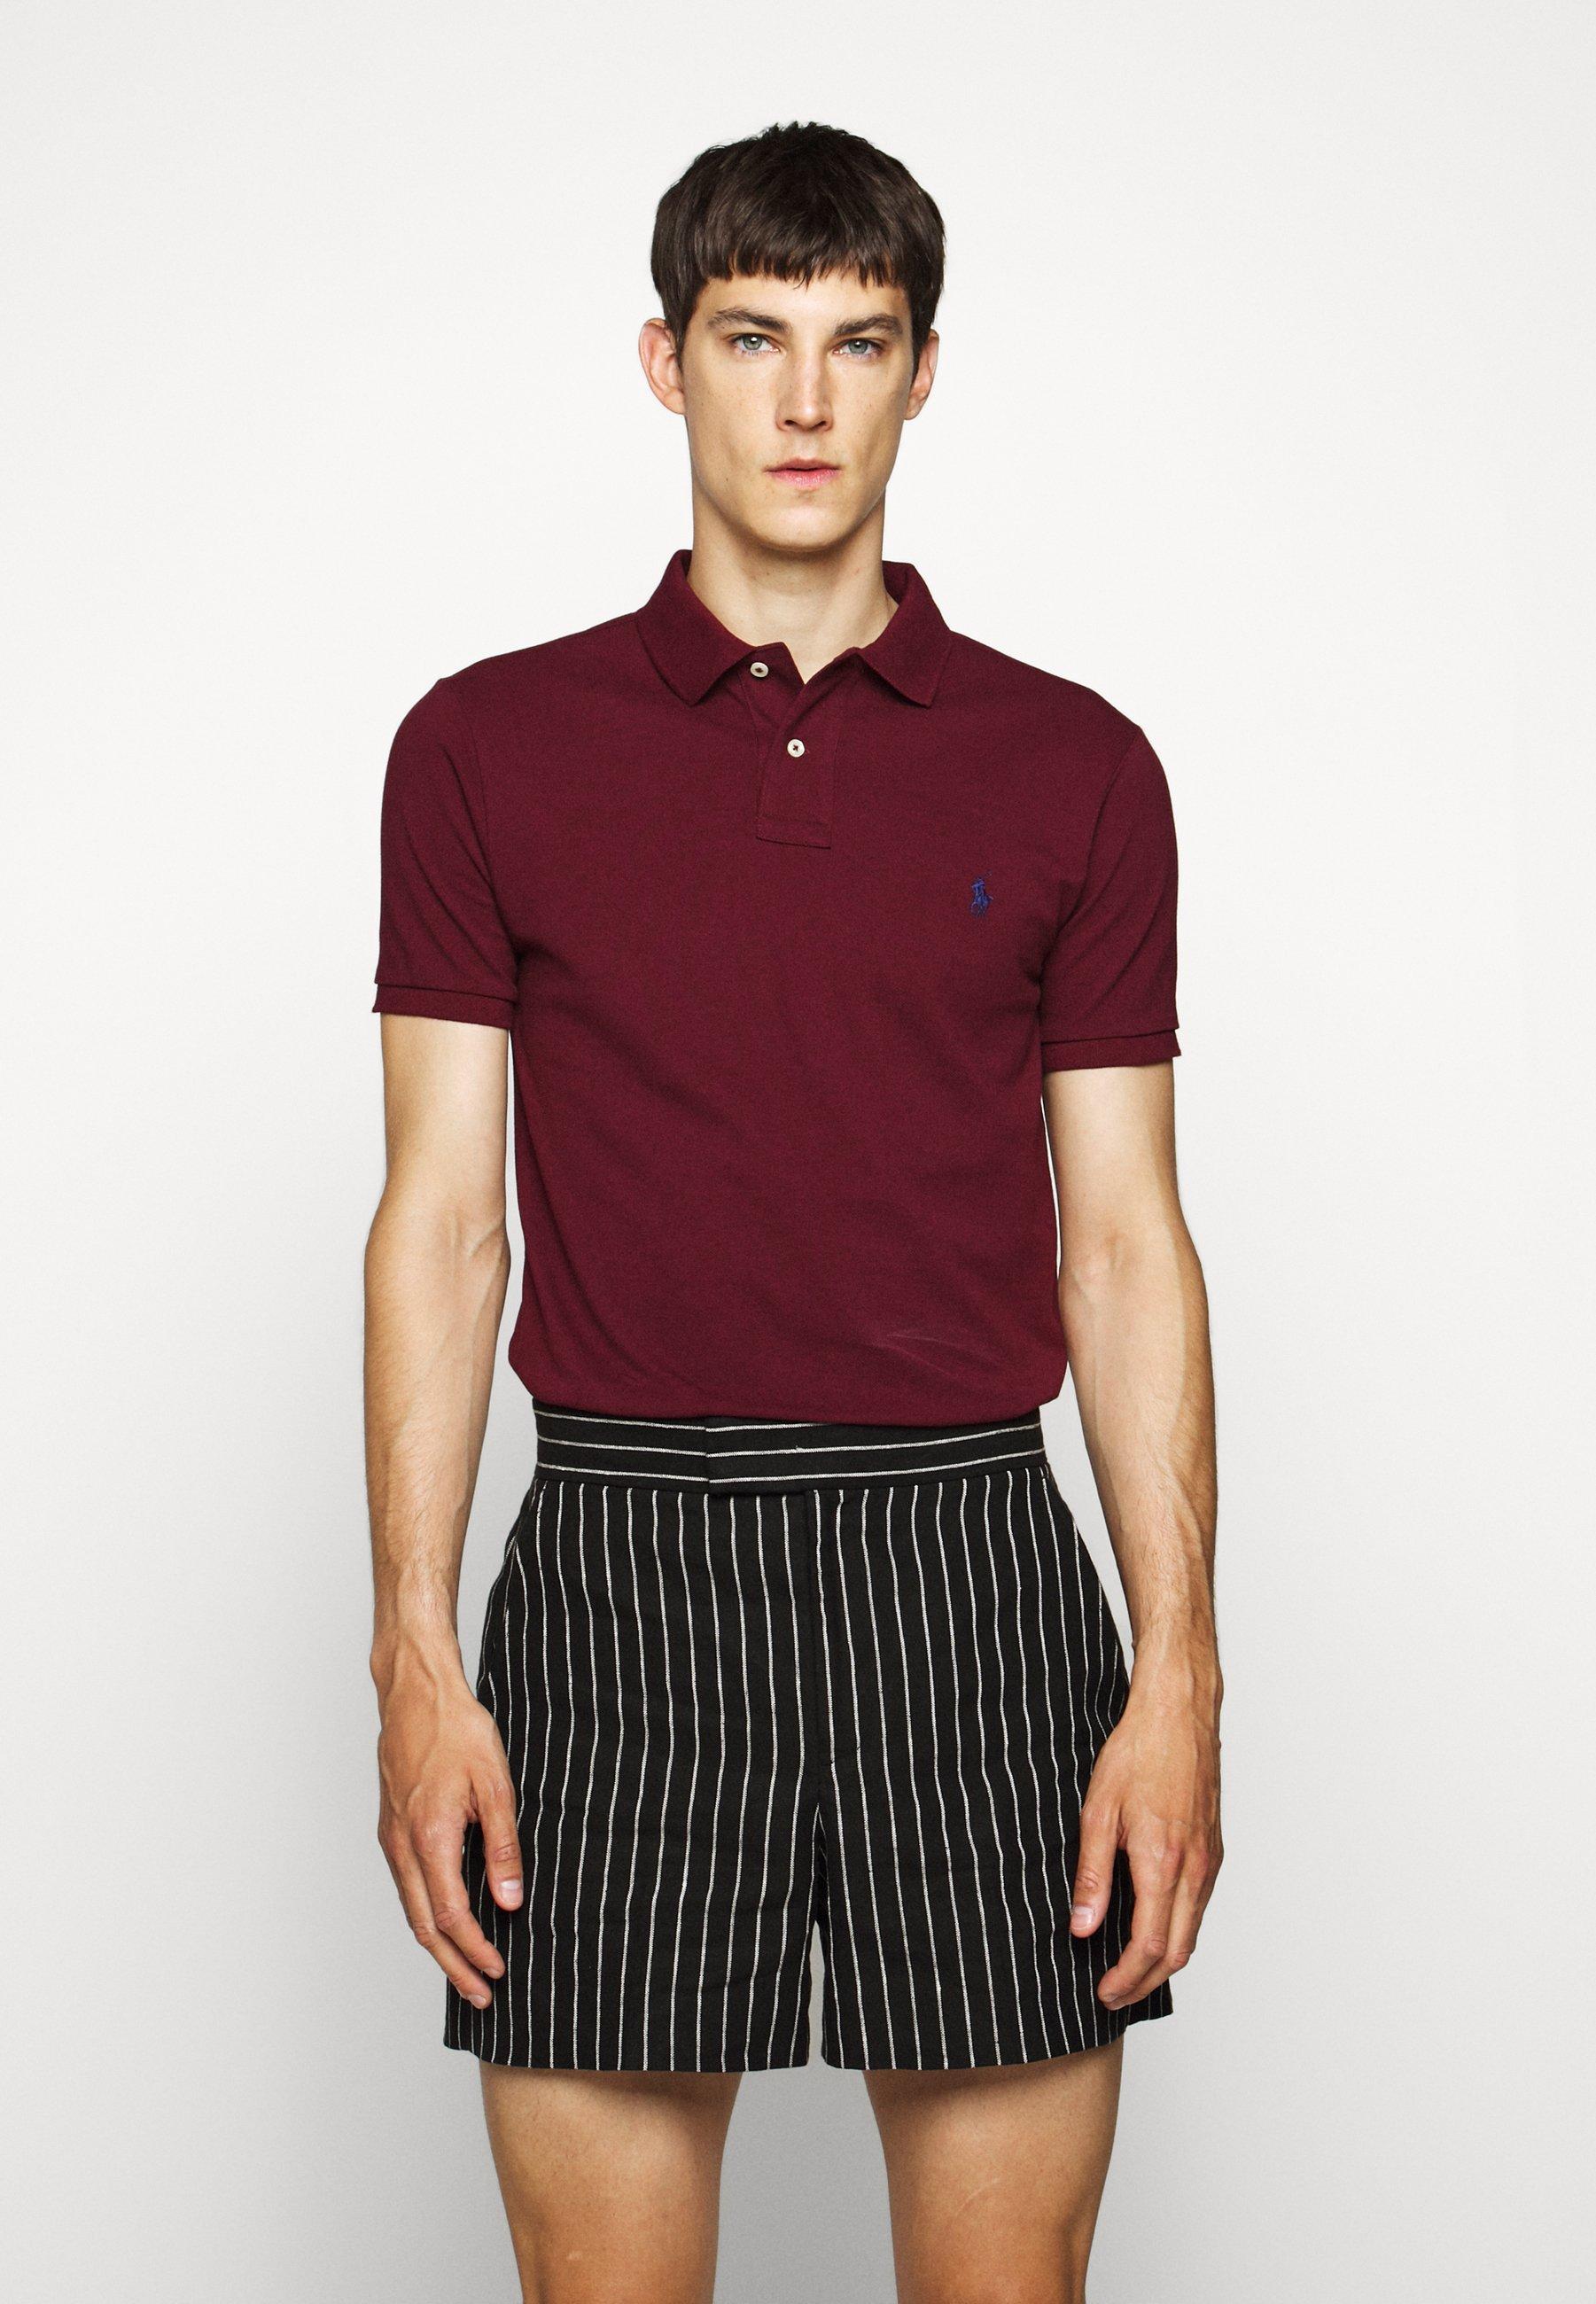 Polo Ralph Lauren SLIM FIT MODEL - Koszulka polo - classic wine - Odzież męska Tani